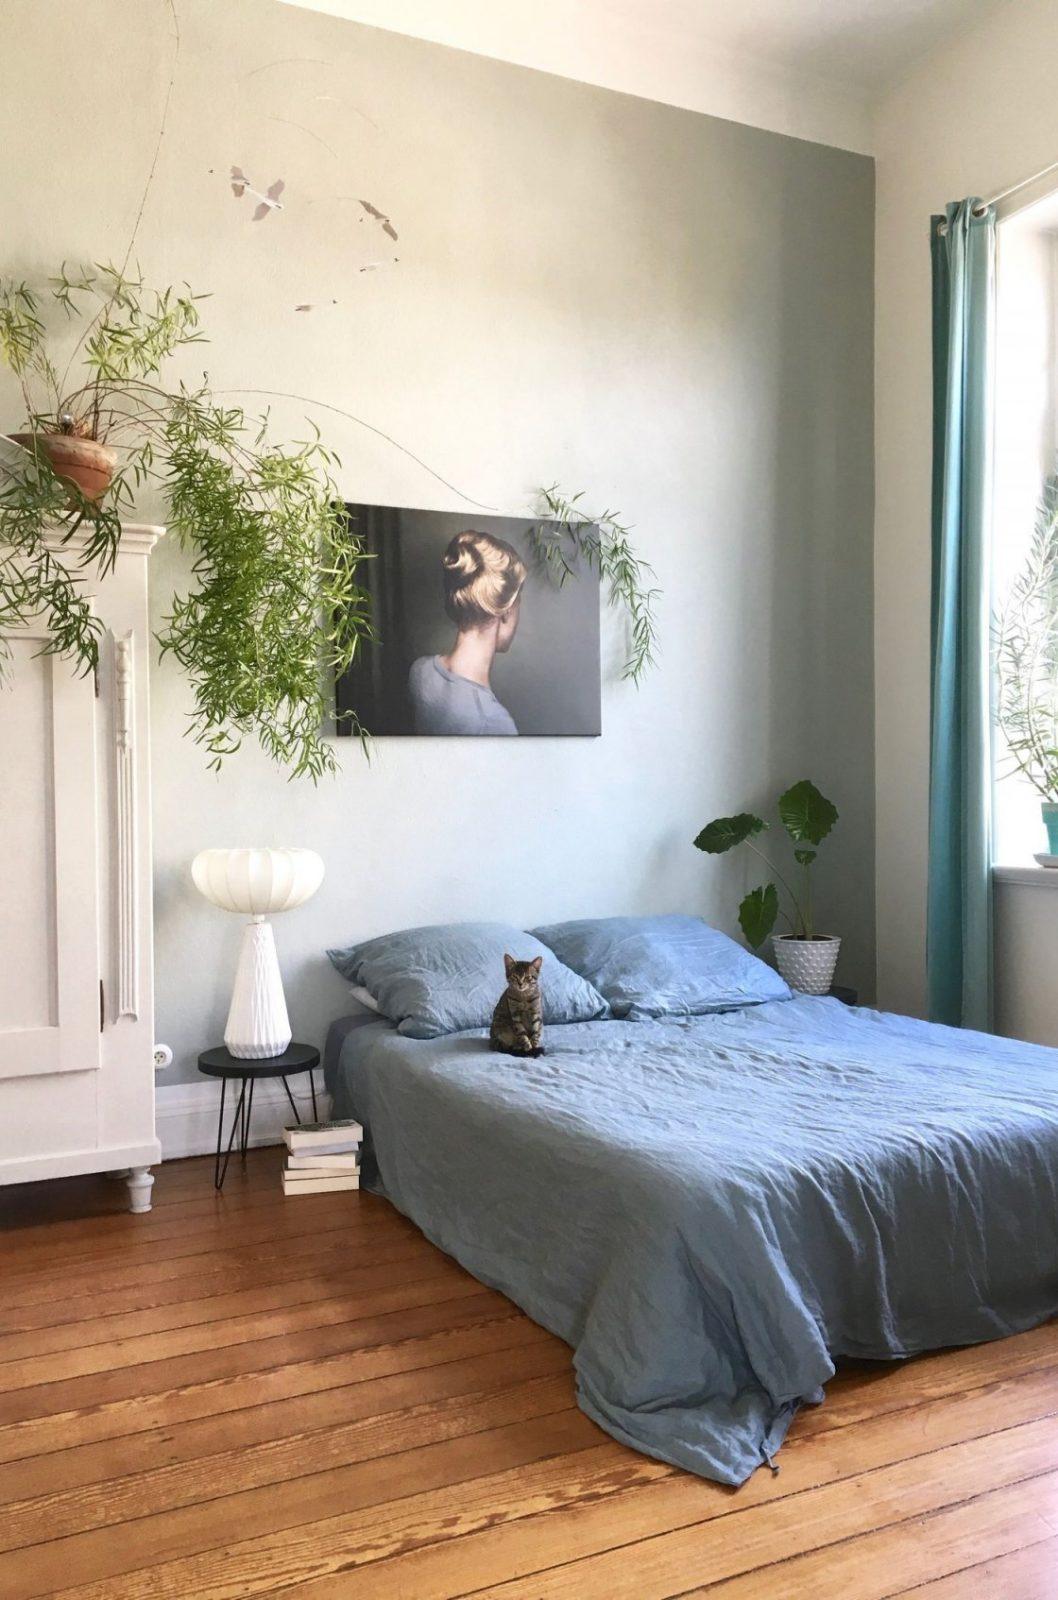 Schlafzimmer Ideen Zum Einrichten  Gestalten von Kleine Schlafzimmer Schön Einrichten Bild